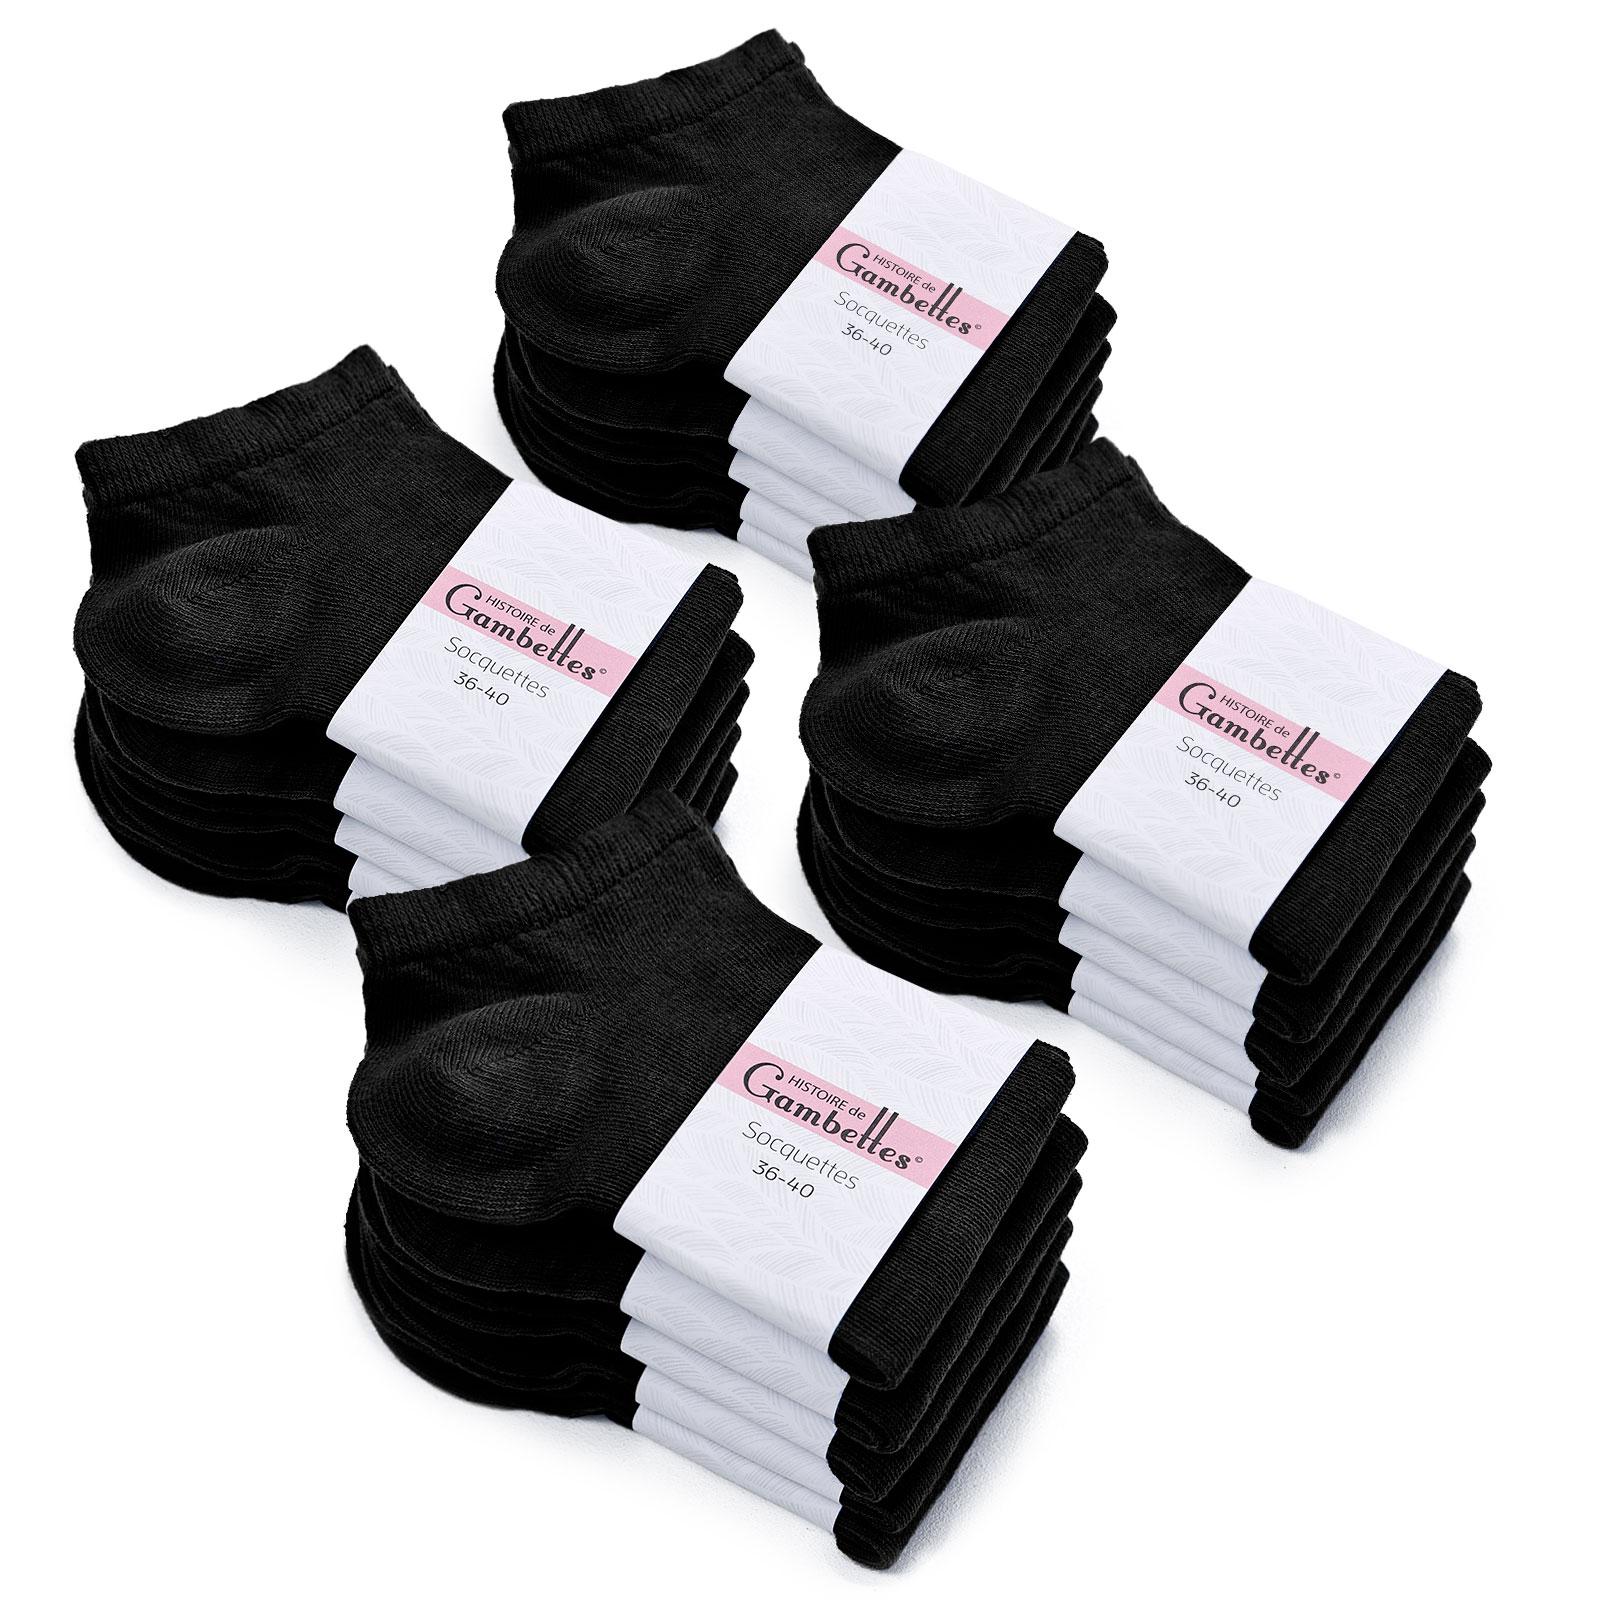 CH-00353-F16-soquettes-coton-femme-noir-20-paires